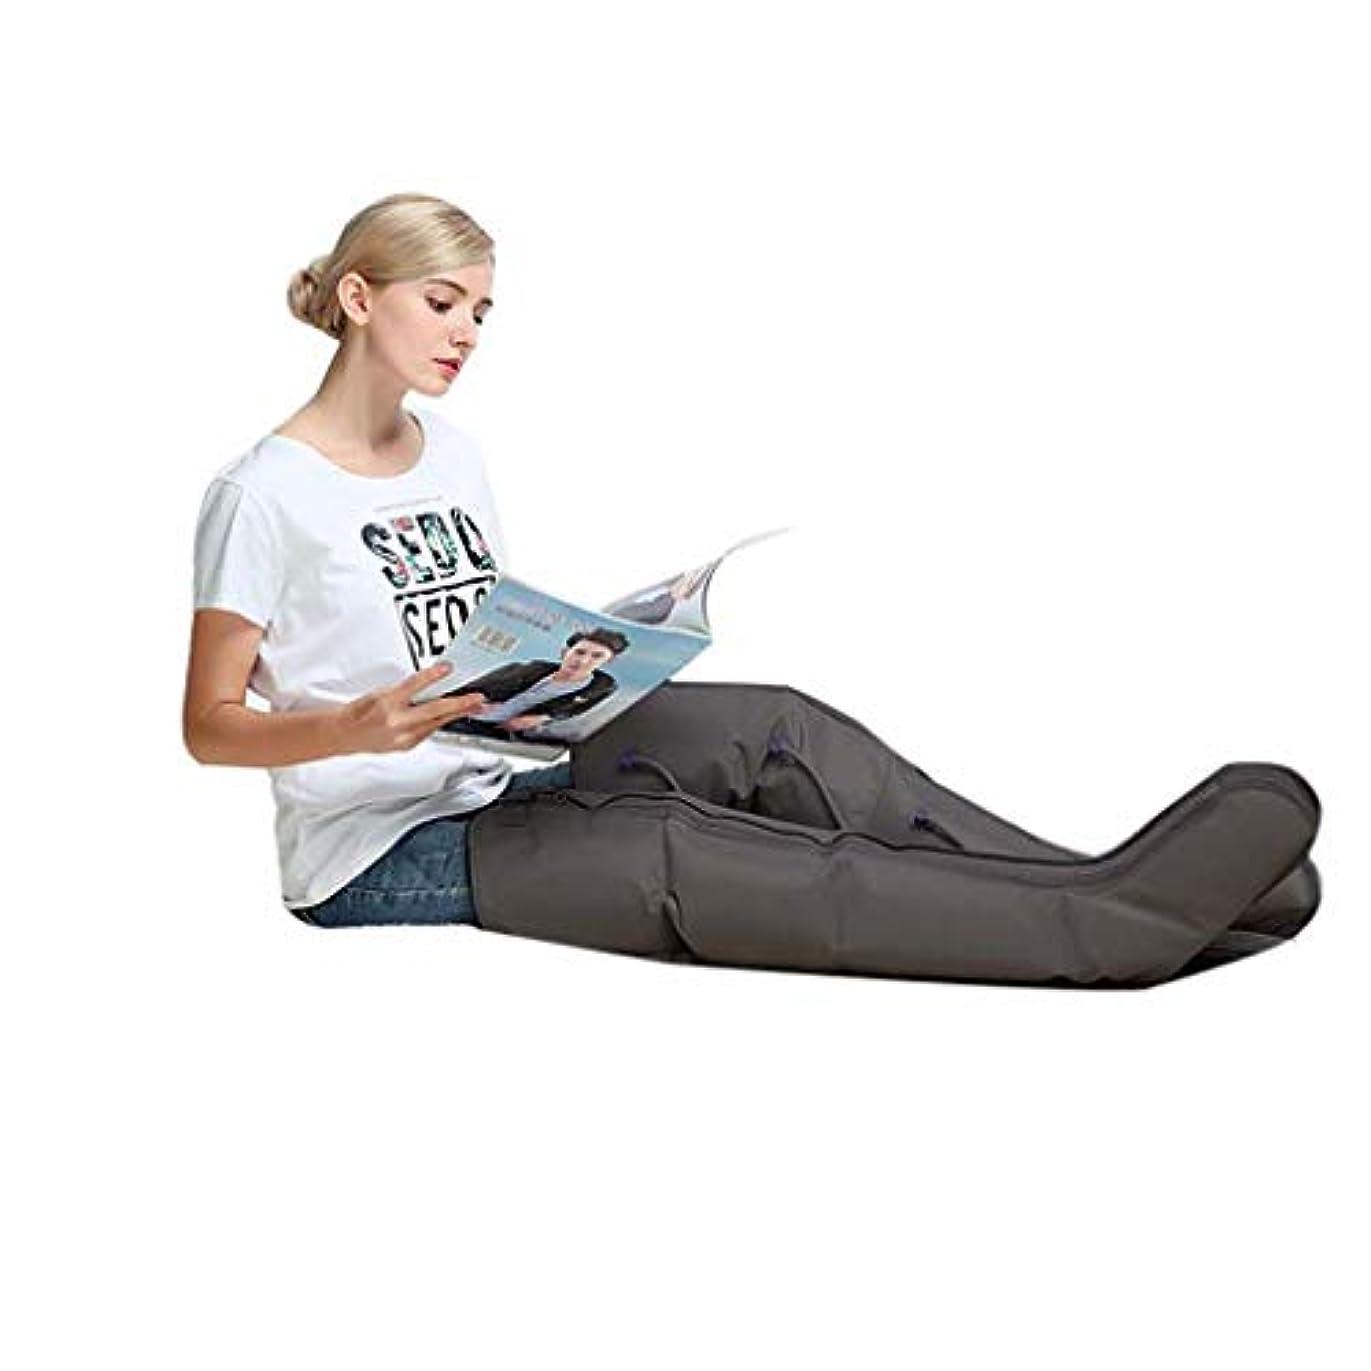 下向き連帯しないYhz@ 高齢者のための空気の足のマッサージャー、空気波の圧力マッサージャー、空気圧療法の足の腕の足を練る-80W-93cm